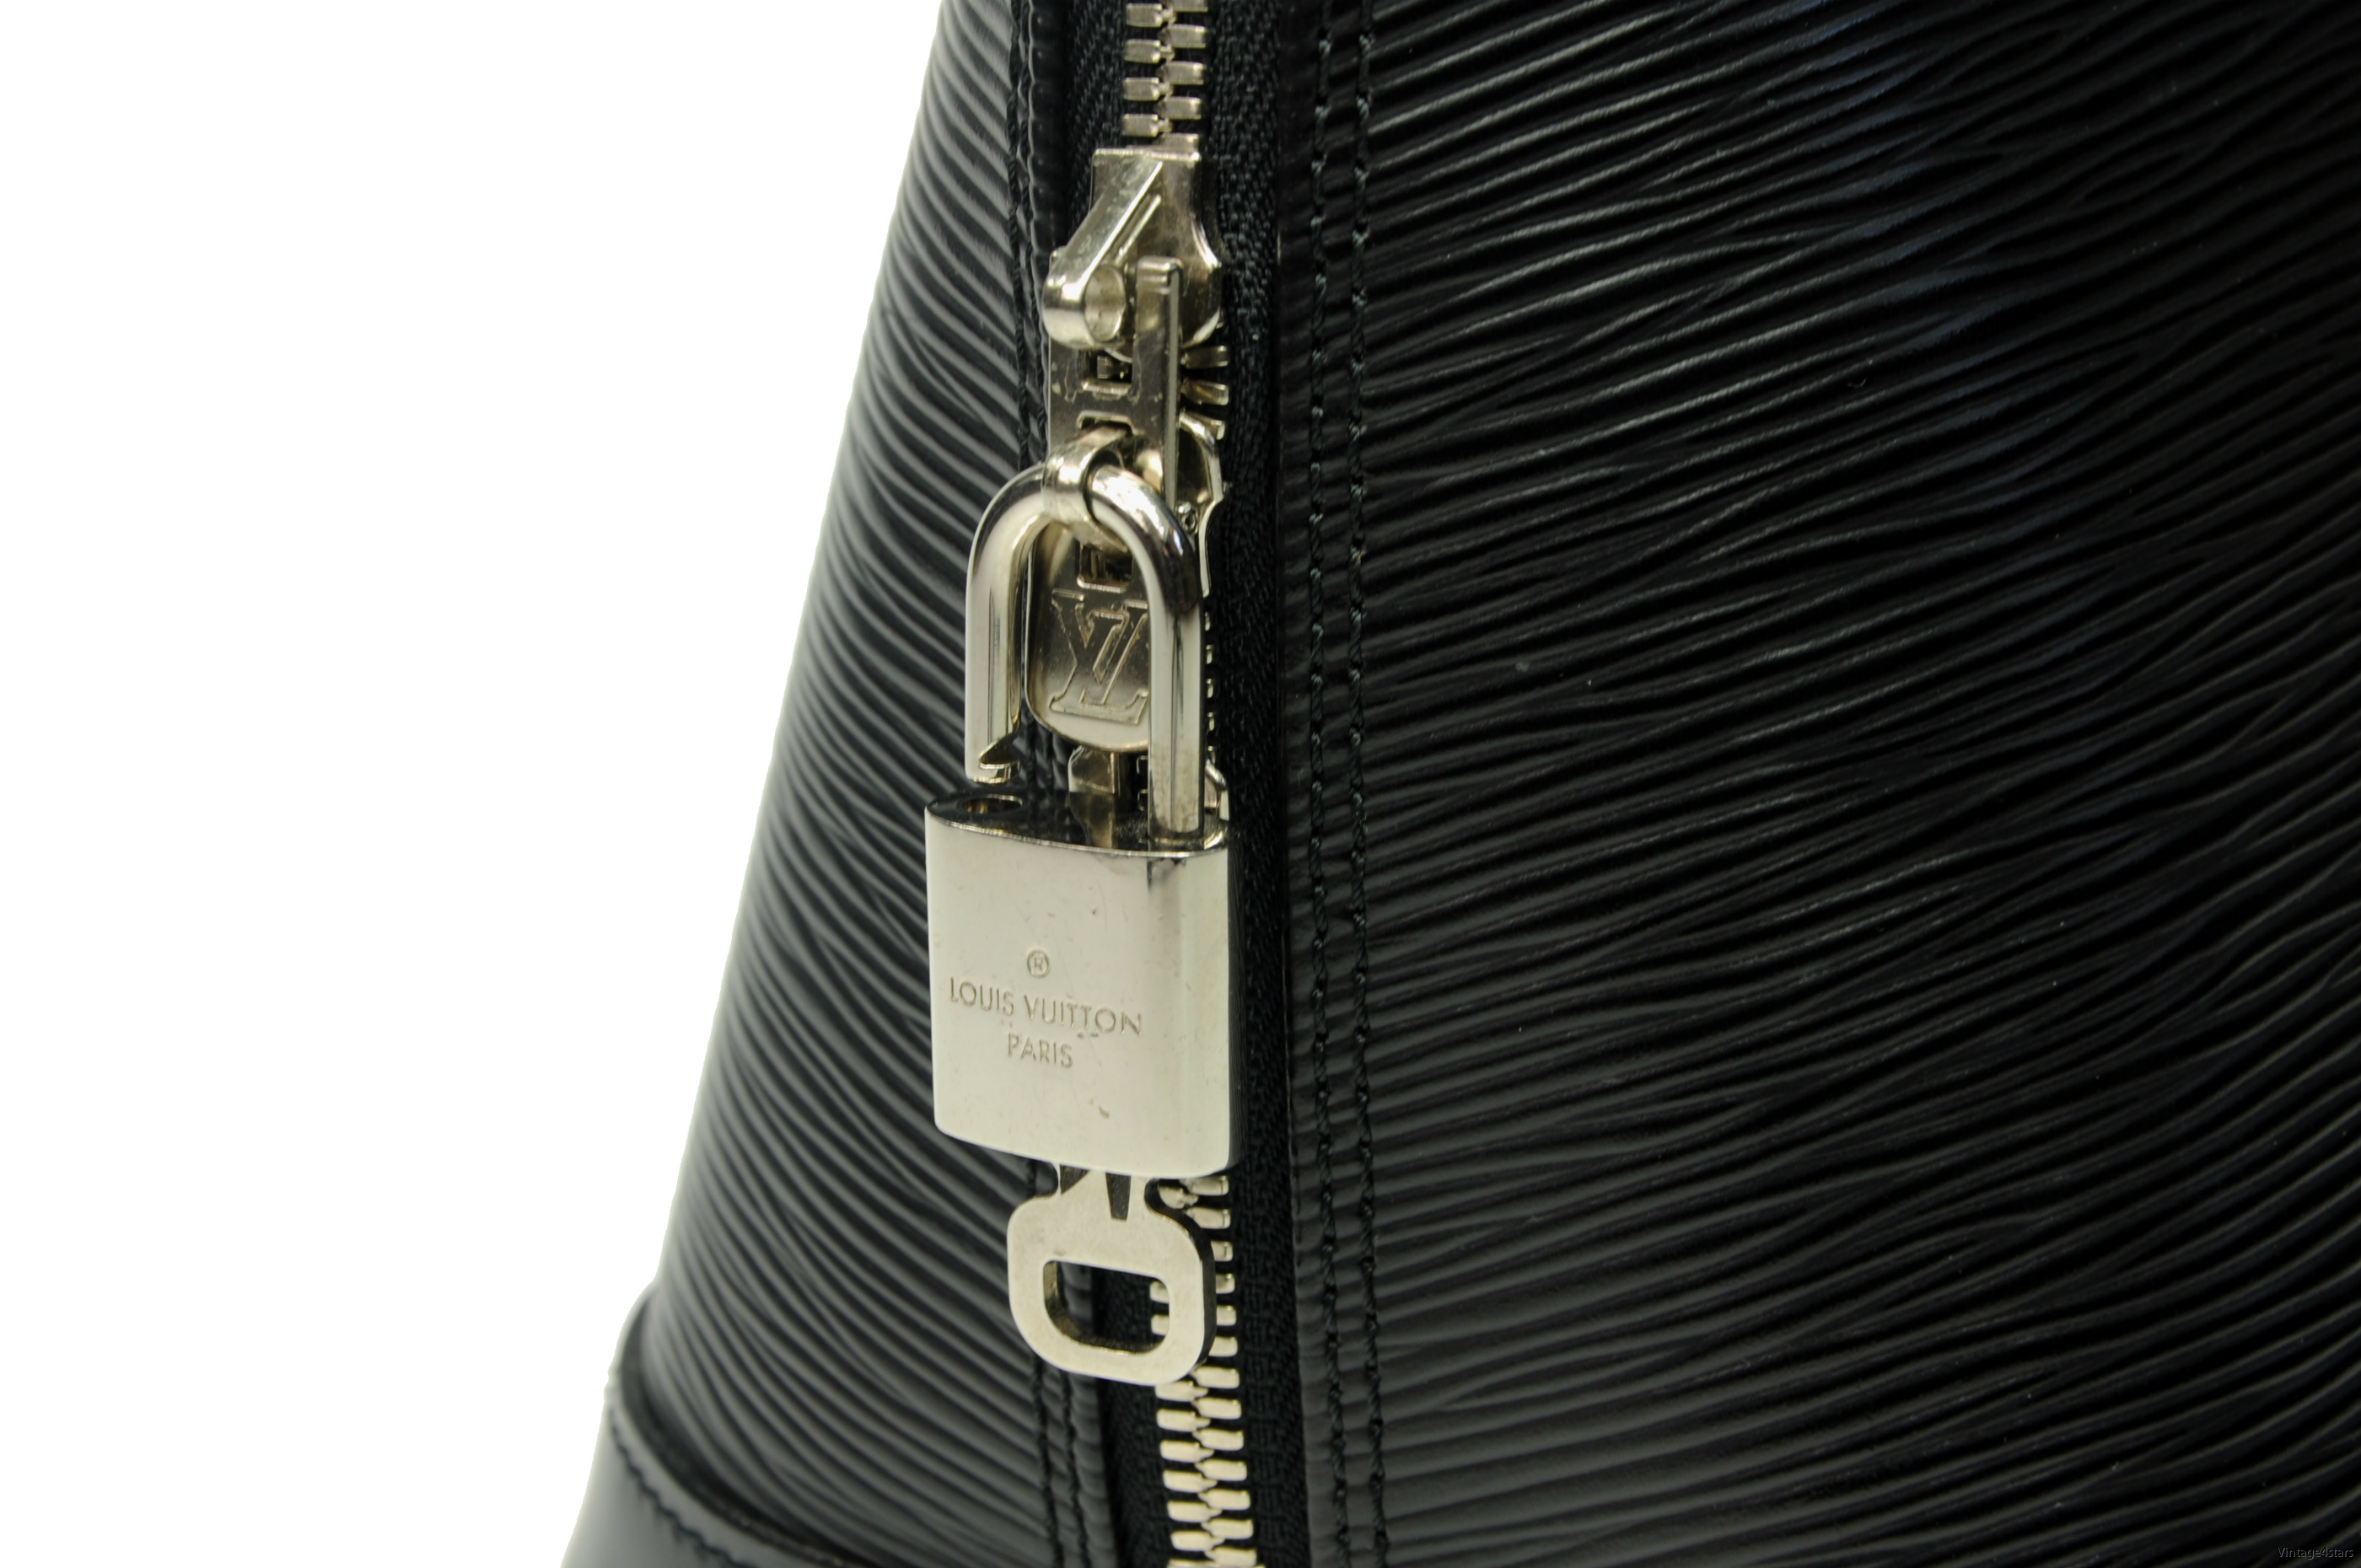 Louis Vuitton Alma Epi Neo 8